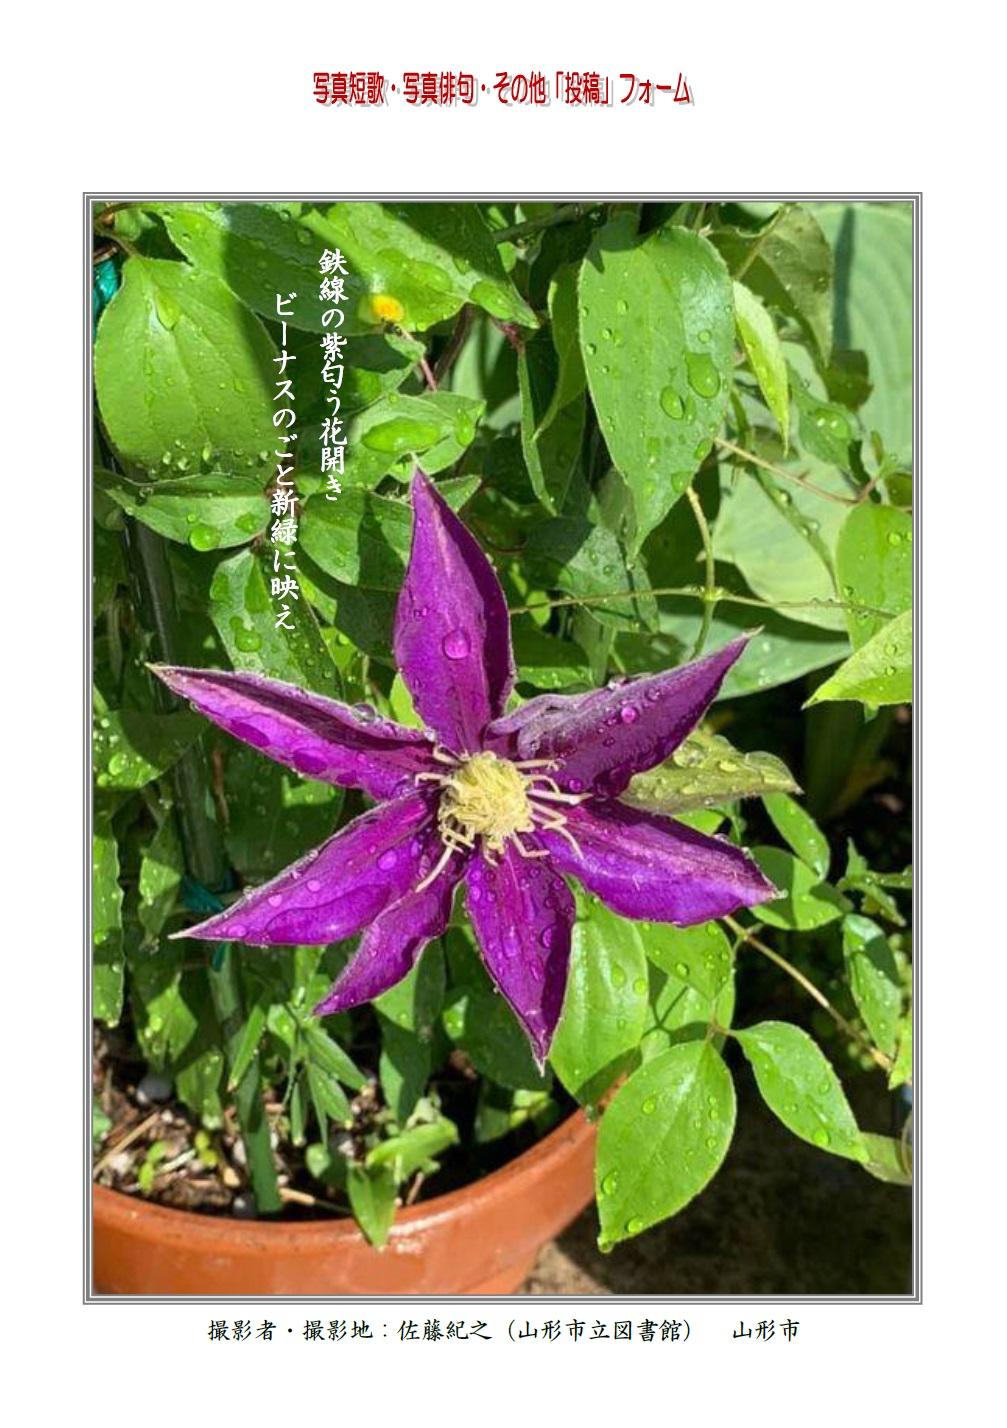 鉄線の紫匂う花開きビーナスのごと新緑に映え